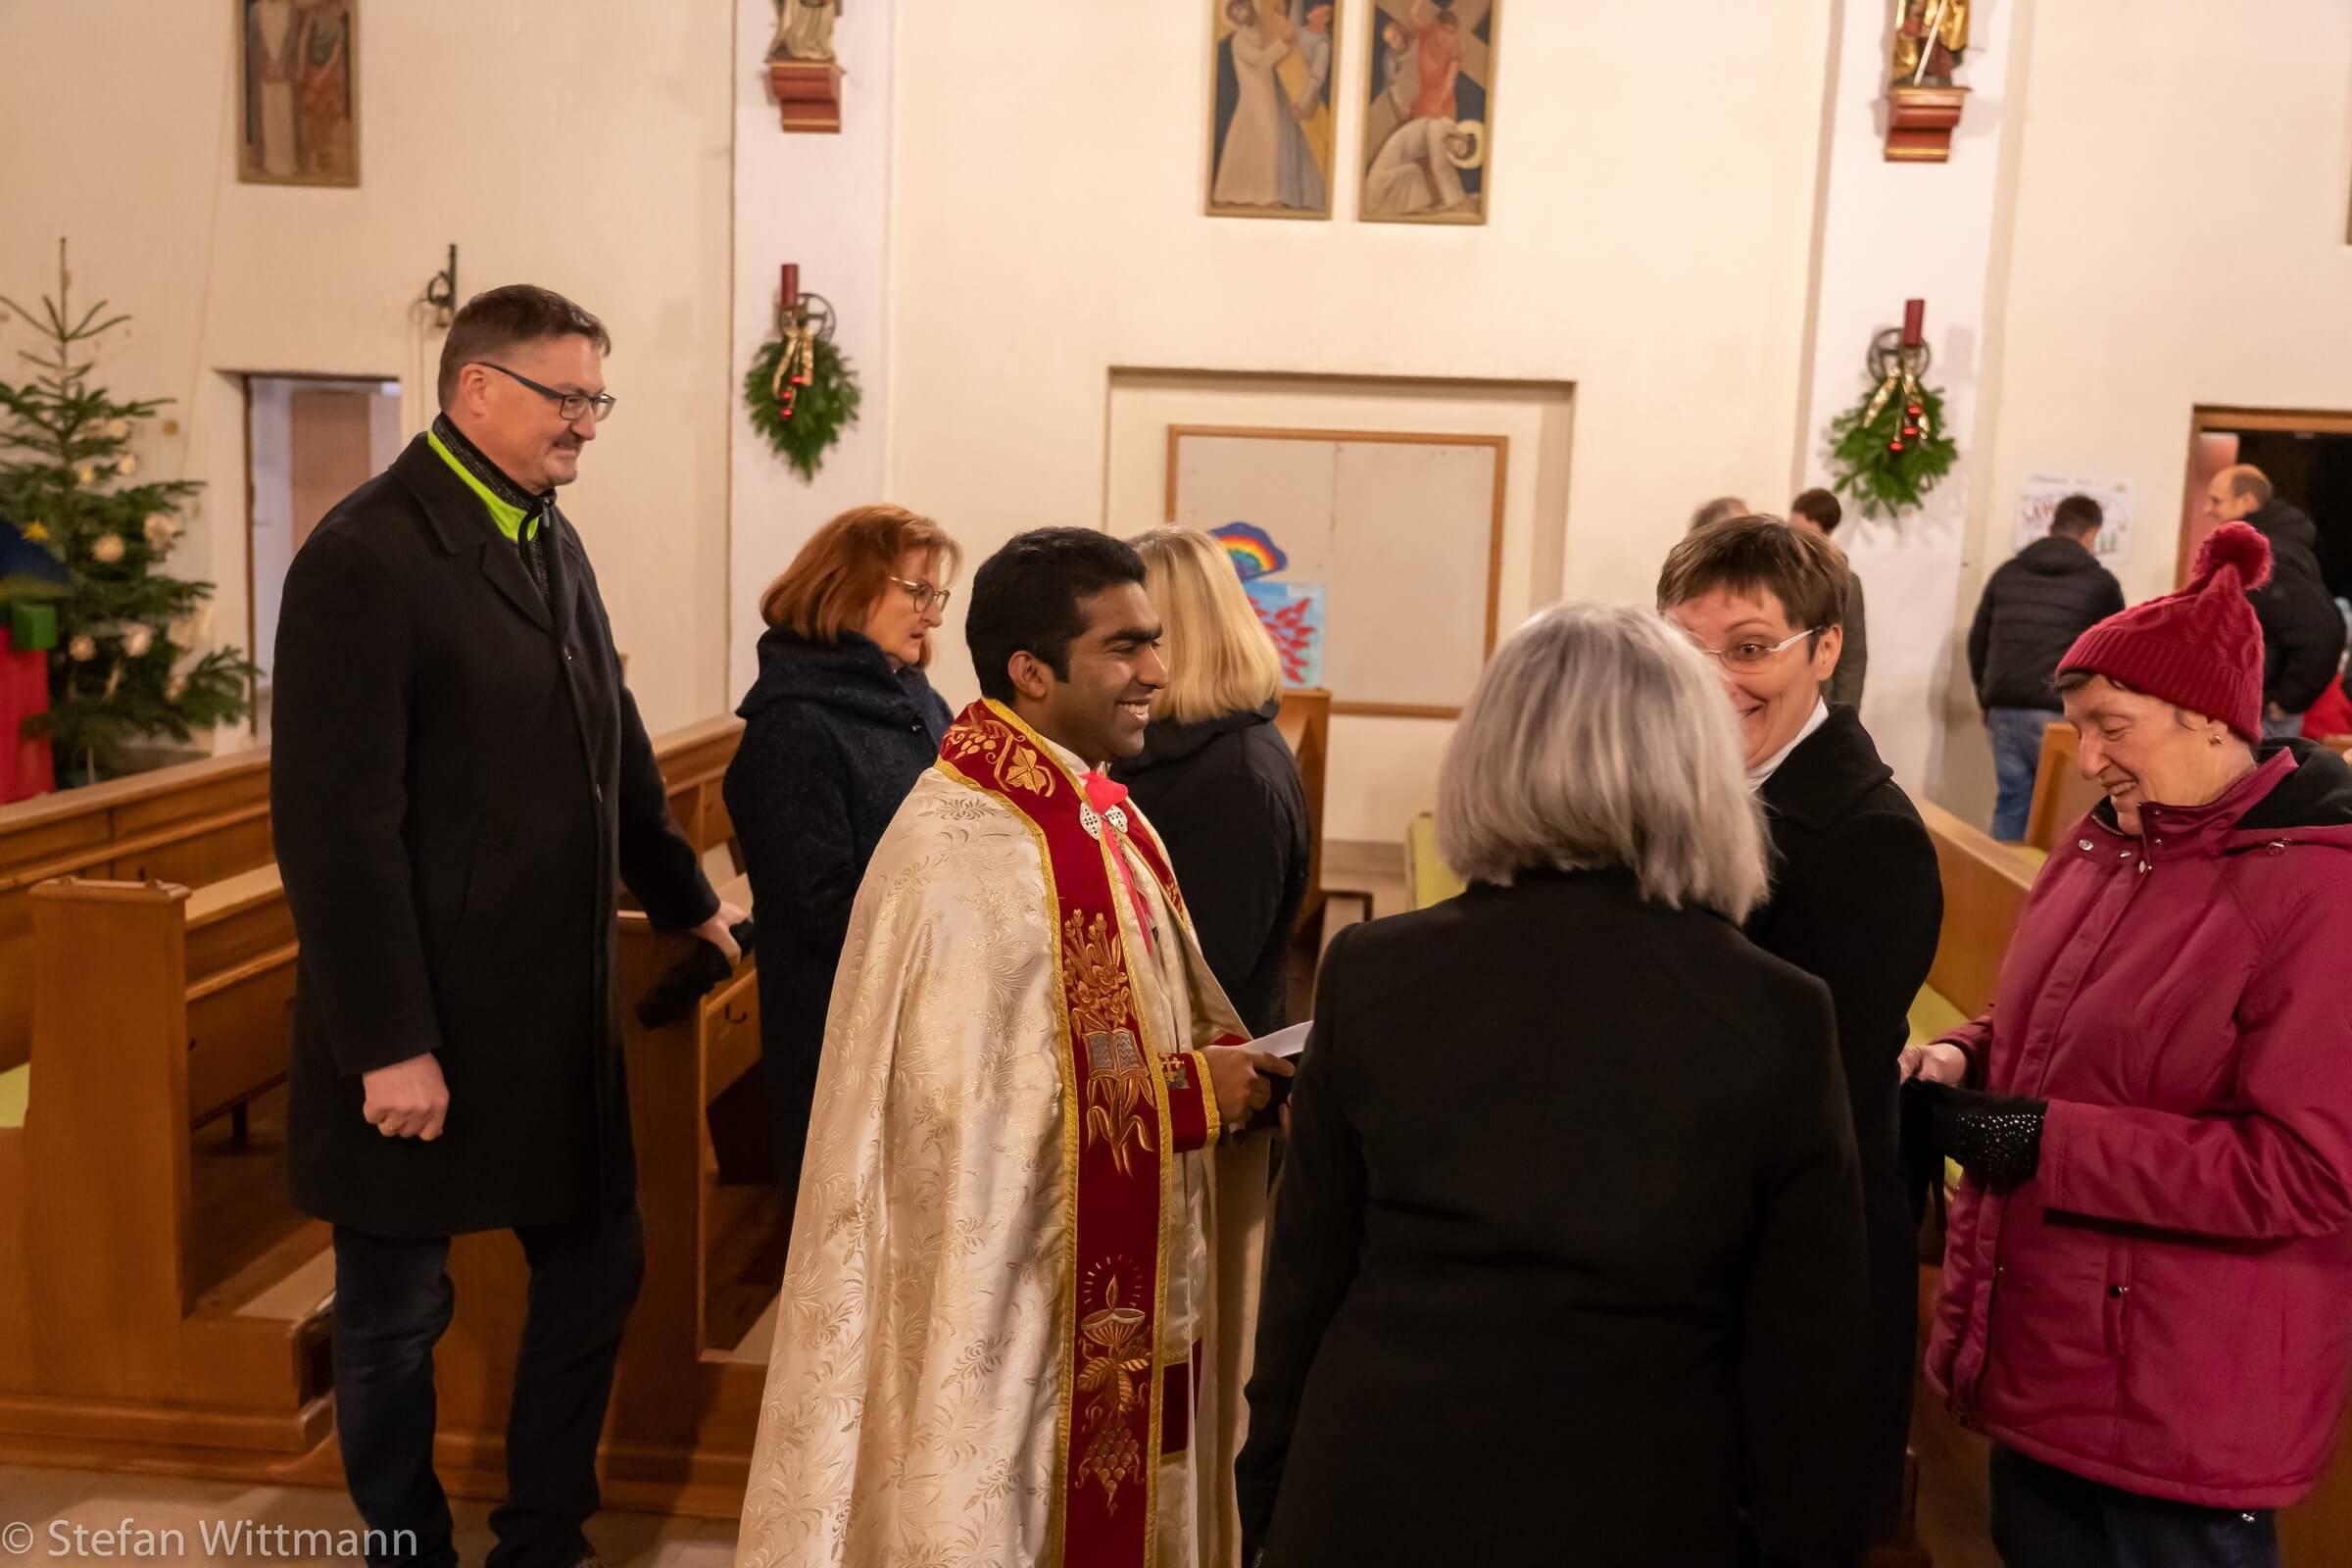 20181230-10 Jahre Priester Joseph - von Wittmann Stefan 20181230181407-DSC01993